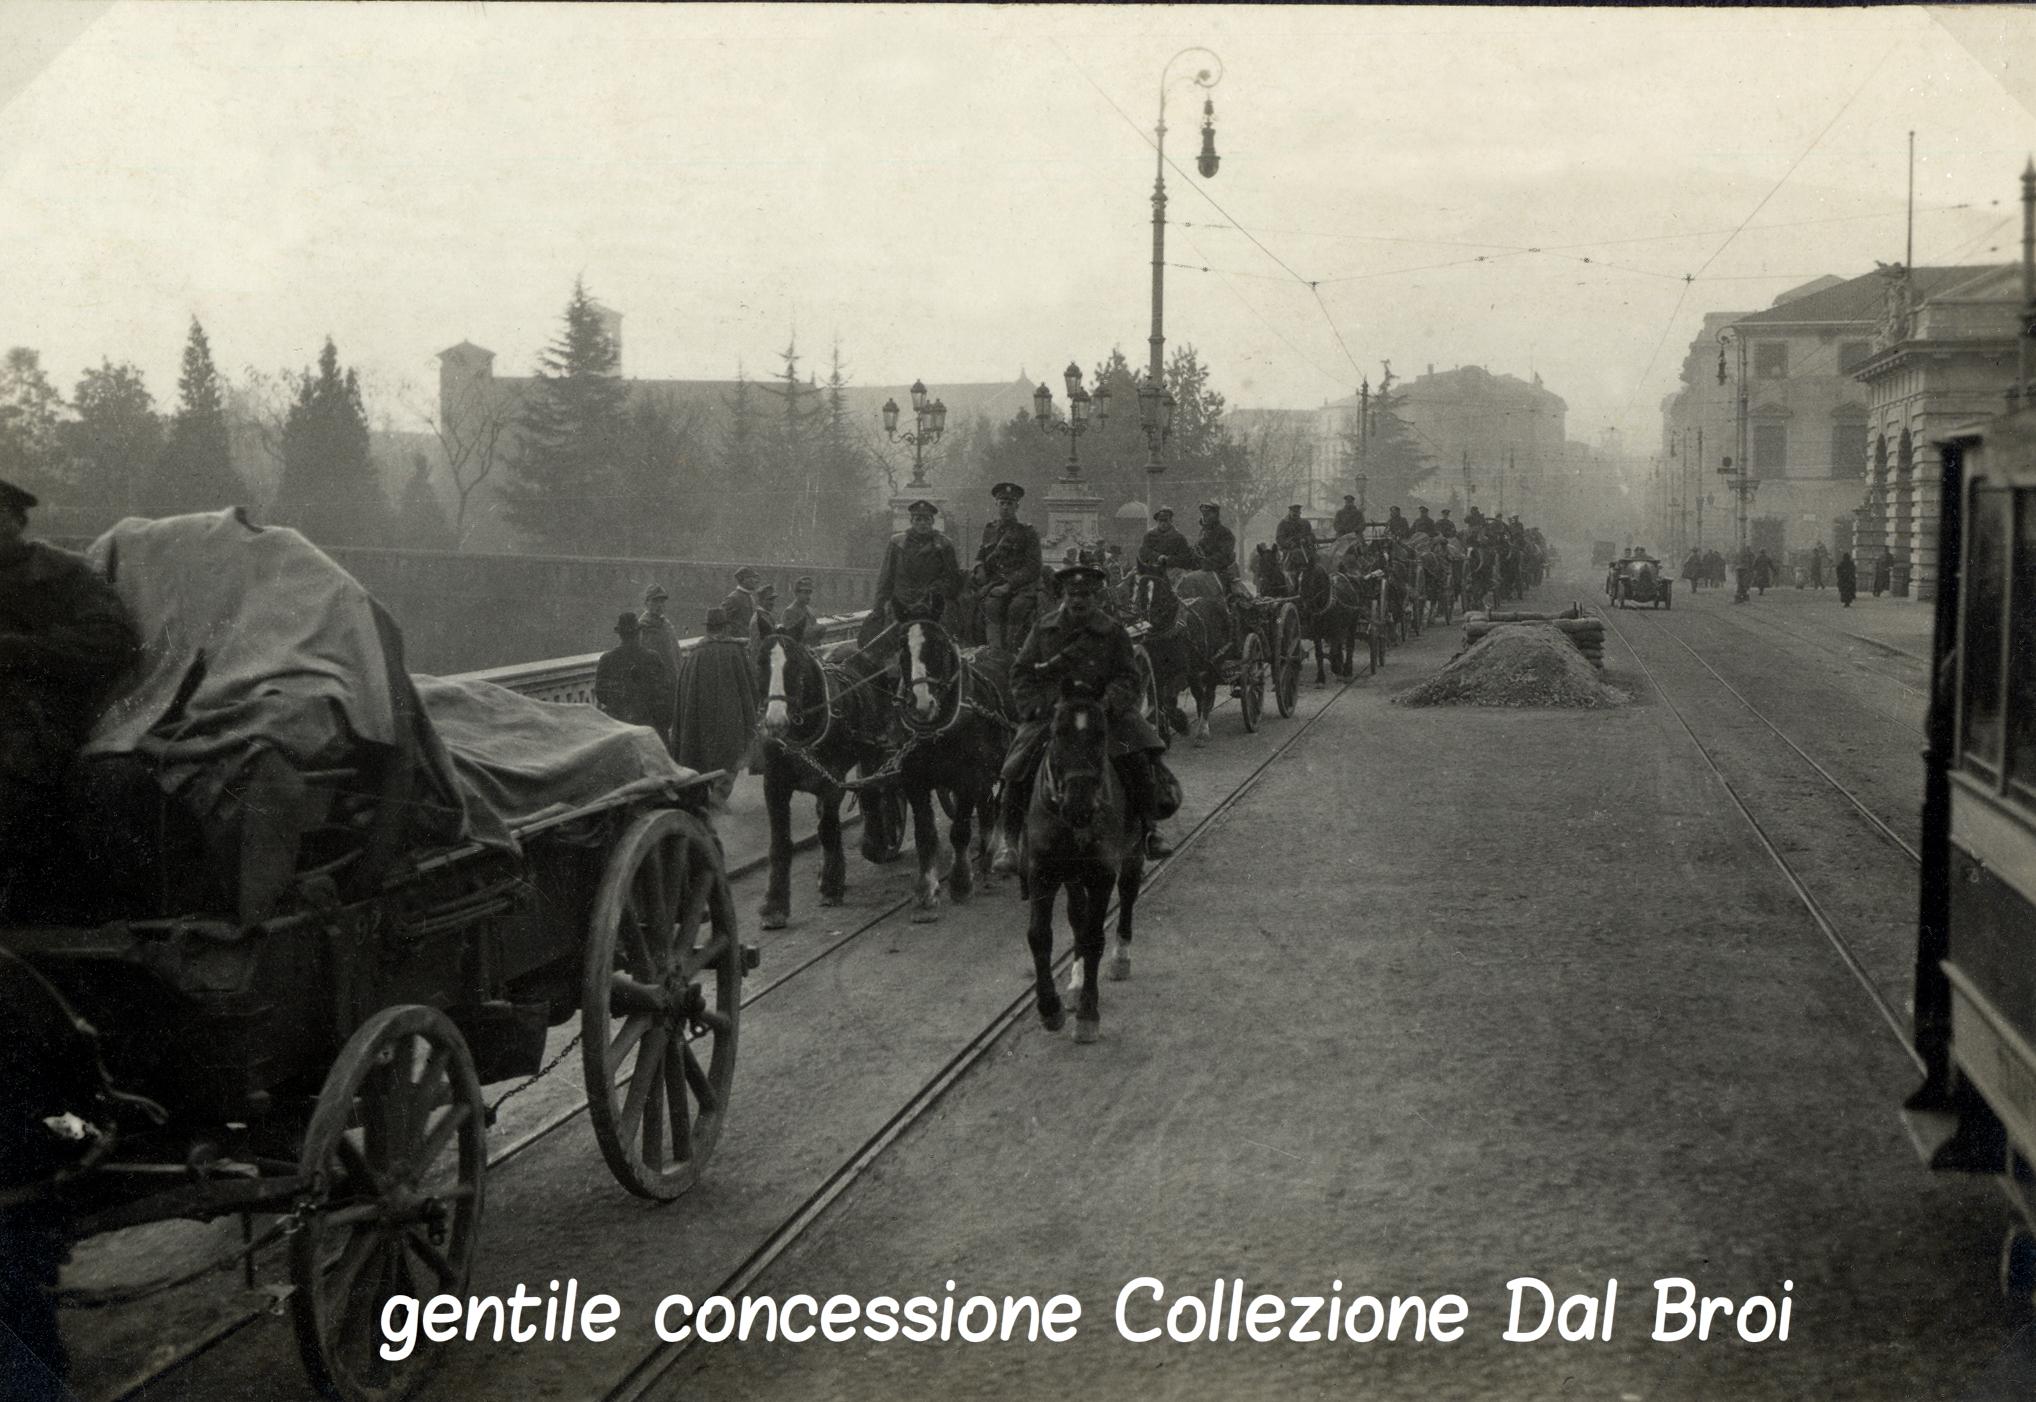 04 - Cariaggi inglesi sfilano per il centfro di Padova (ASDM - coll dal broi) (c).jpg